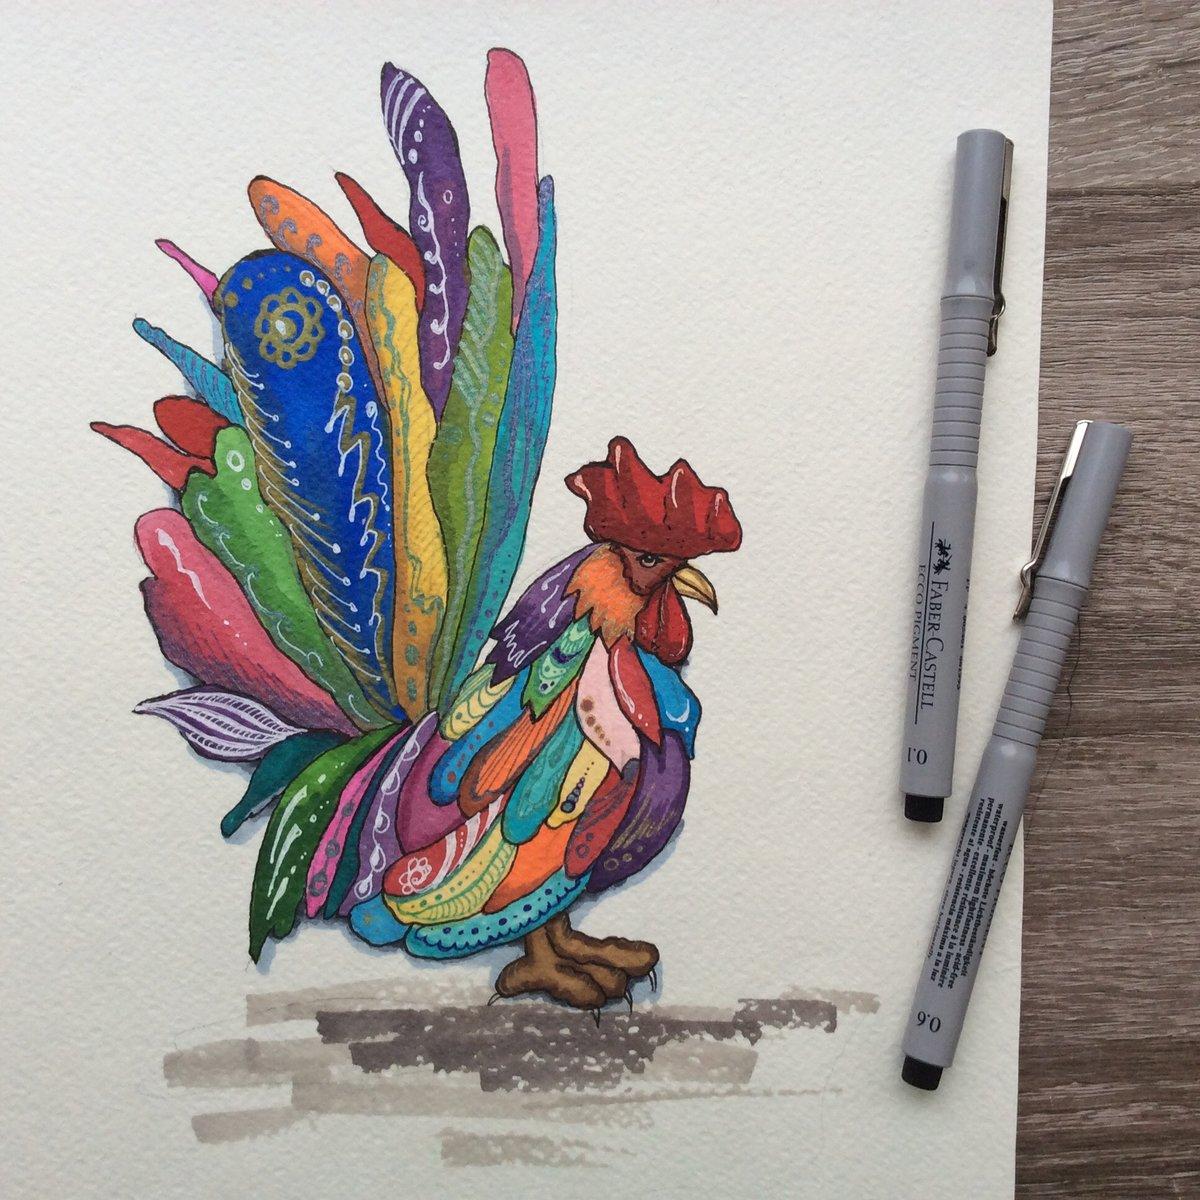 товары услуги картинки рисовать фломастерами и карандашами сахара должны